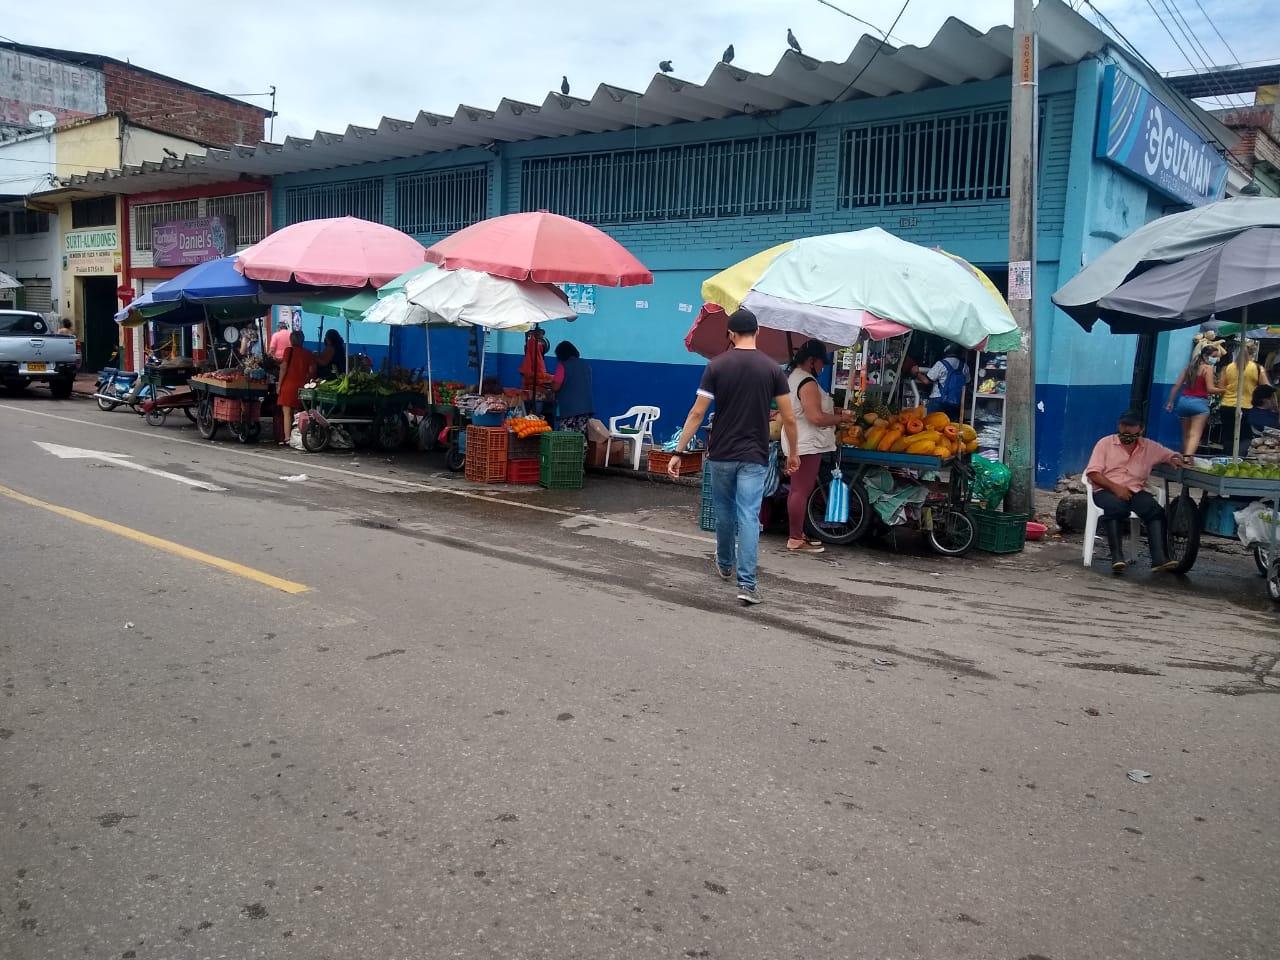 Venden los productos de plaza, pero también se puede conseguir toda clase de pescado